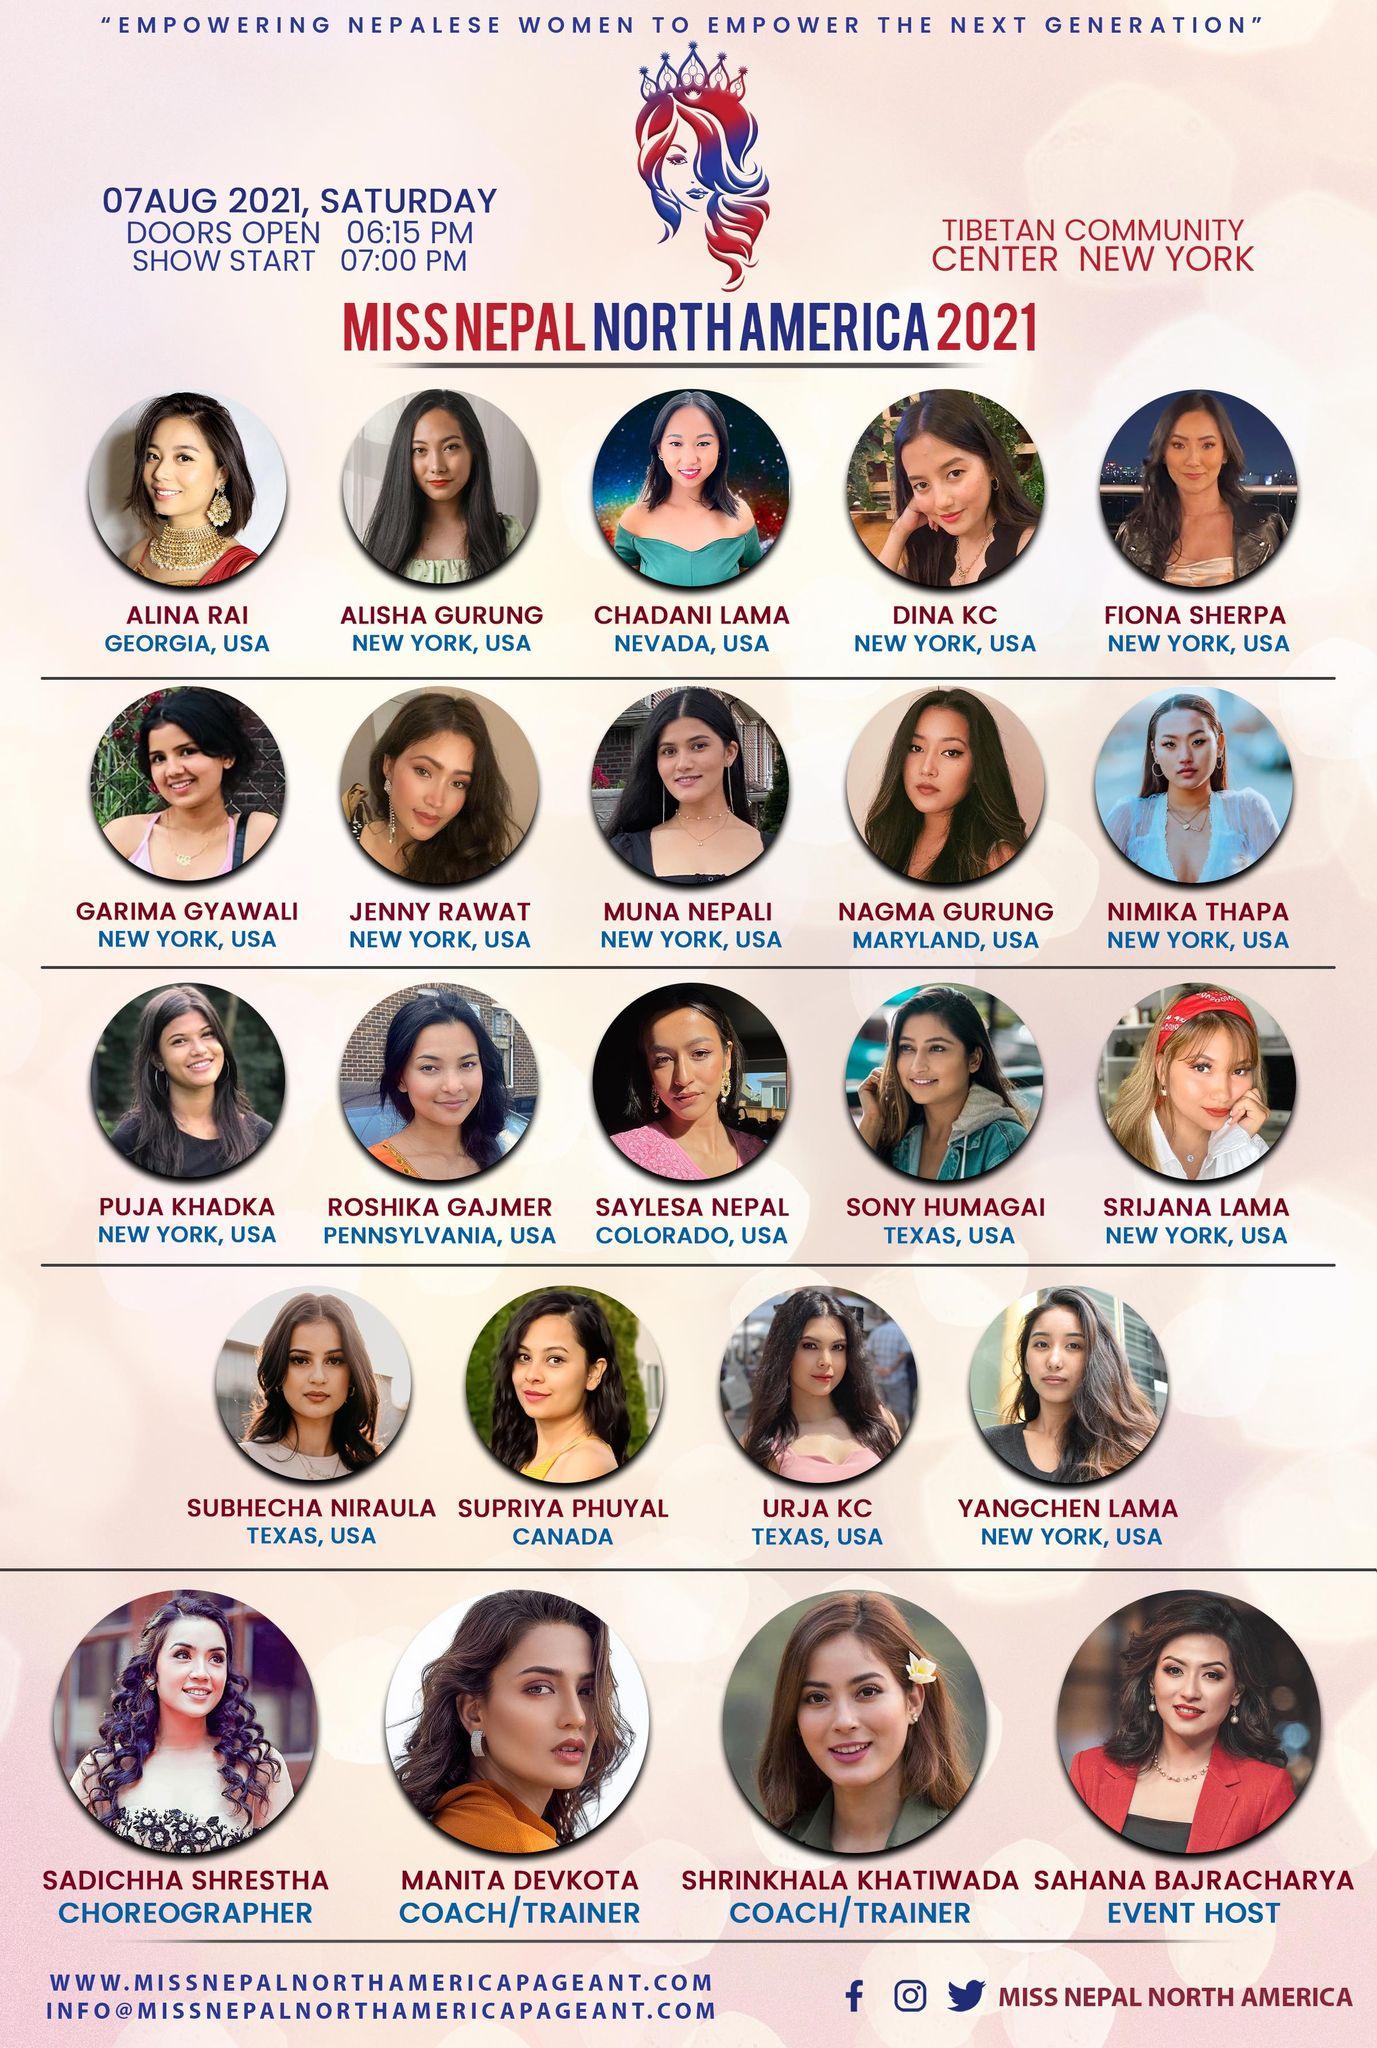 मिस नेपाल नर्थ अमेरिकाको अन्तिम १९ जना प्रतियोगीहरुको नामावली सार्वजनिक